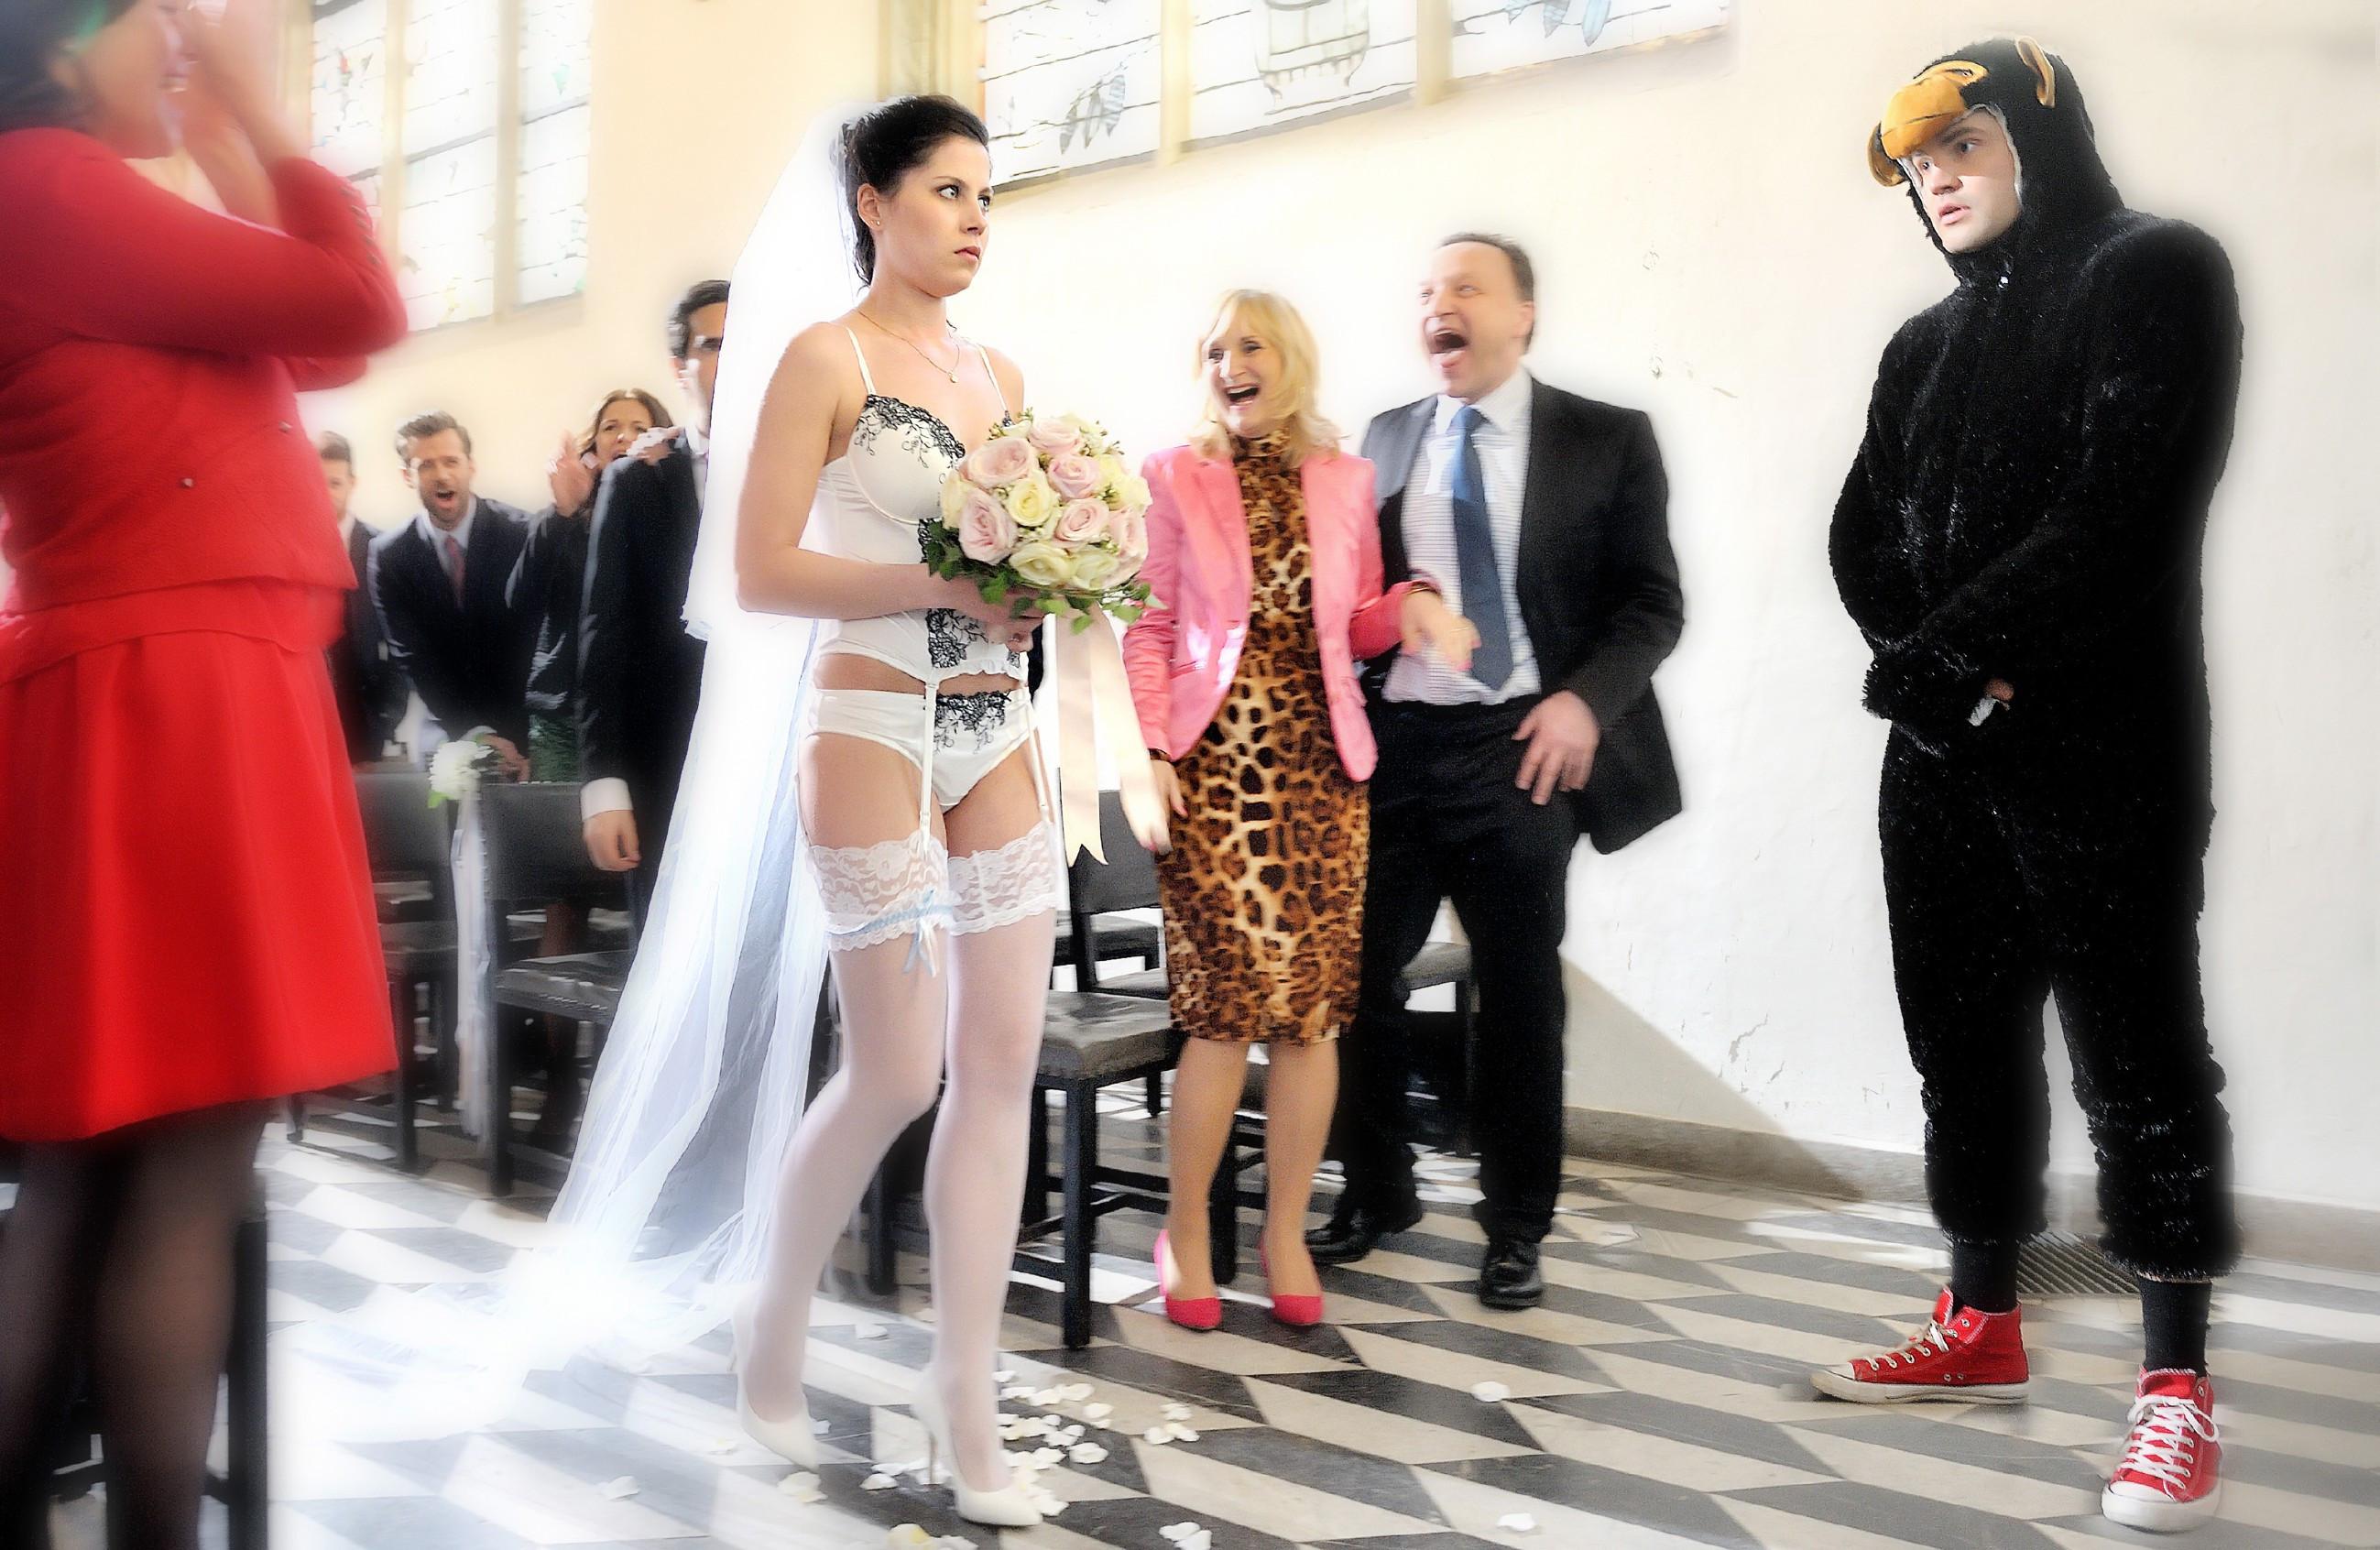 """Strumpfhose Hochzeit  """"Unter Uns"""" Hochzeit in Strapsen"""